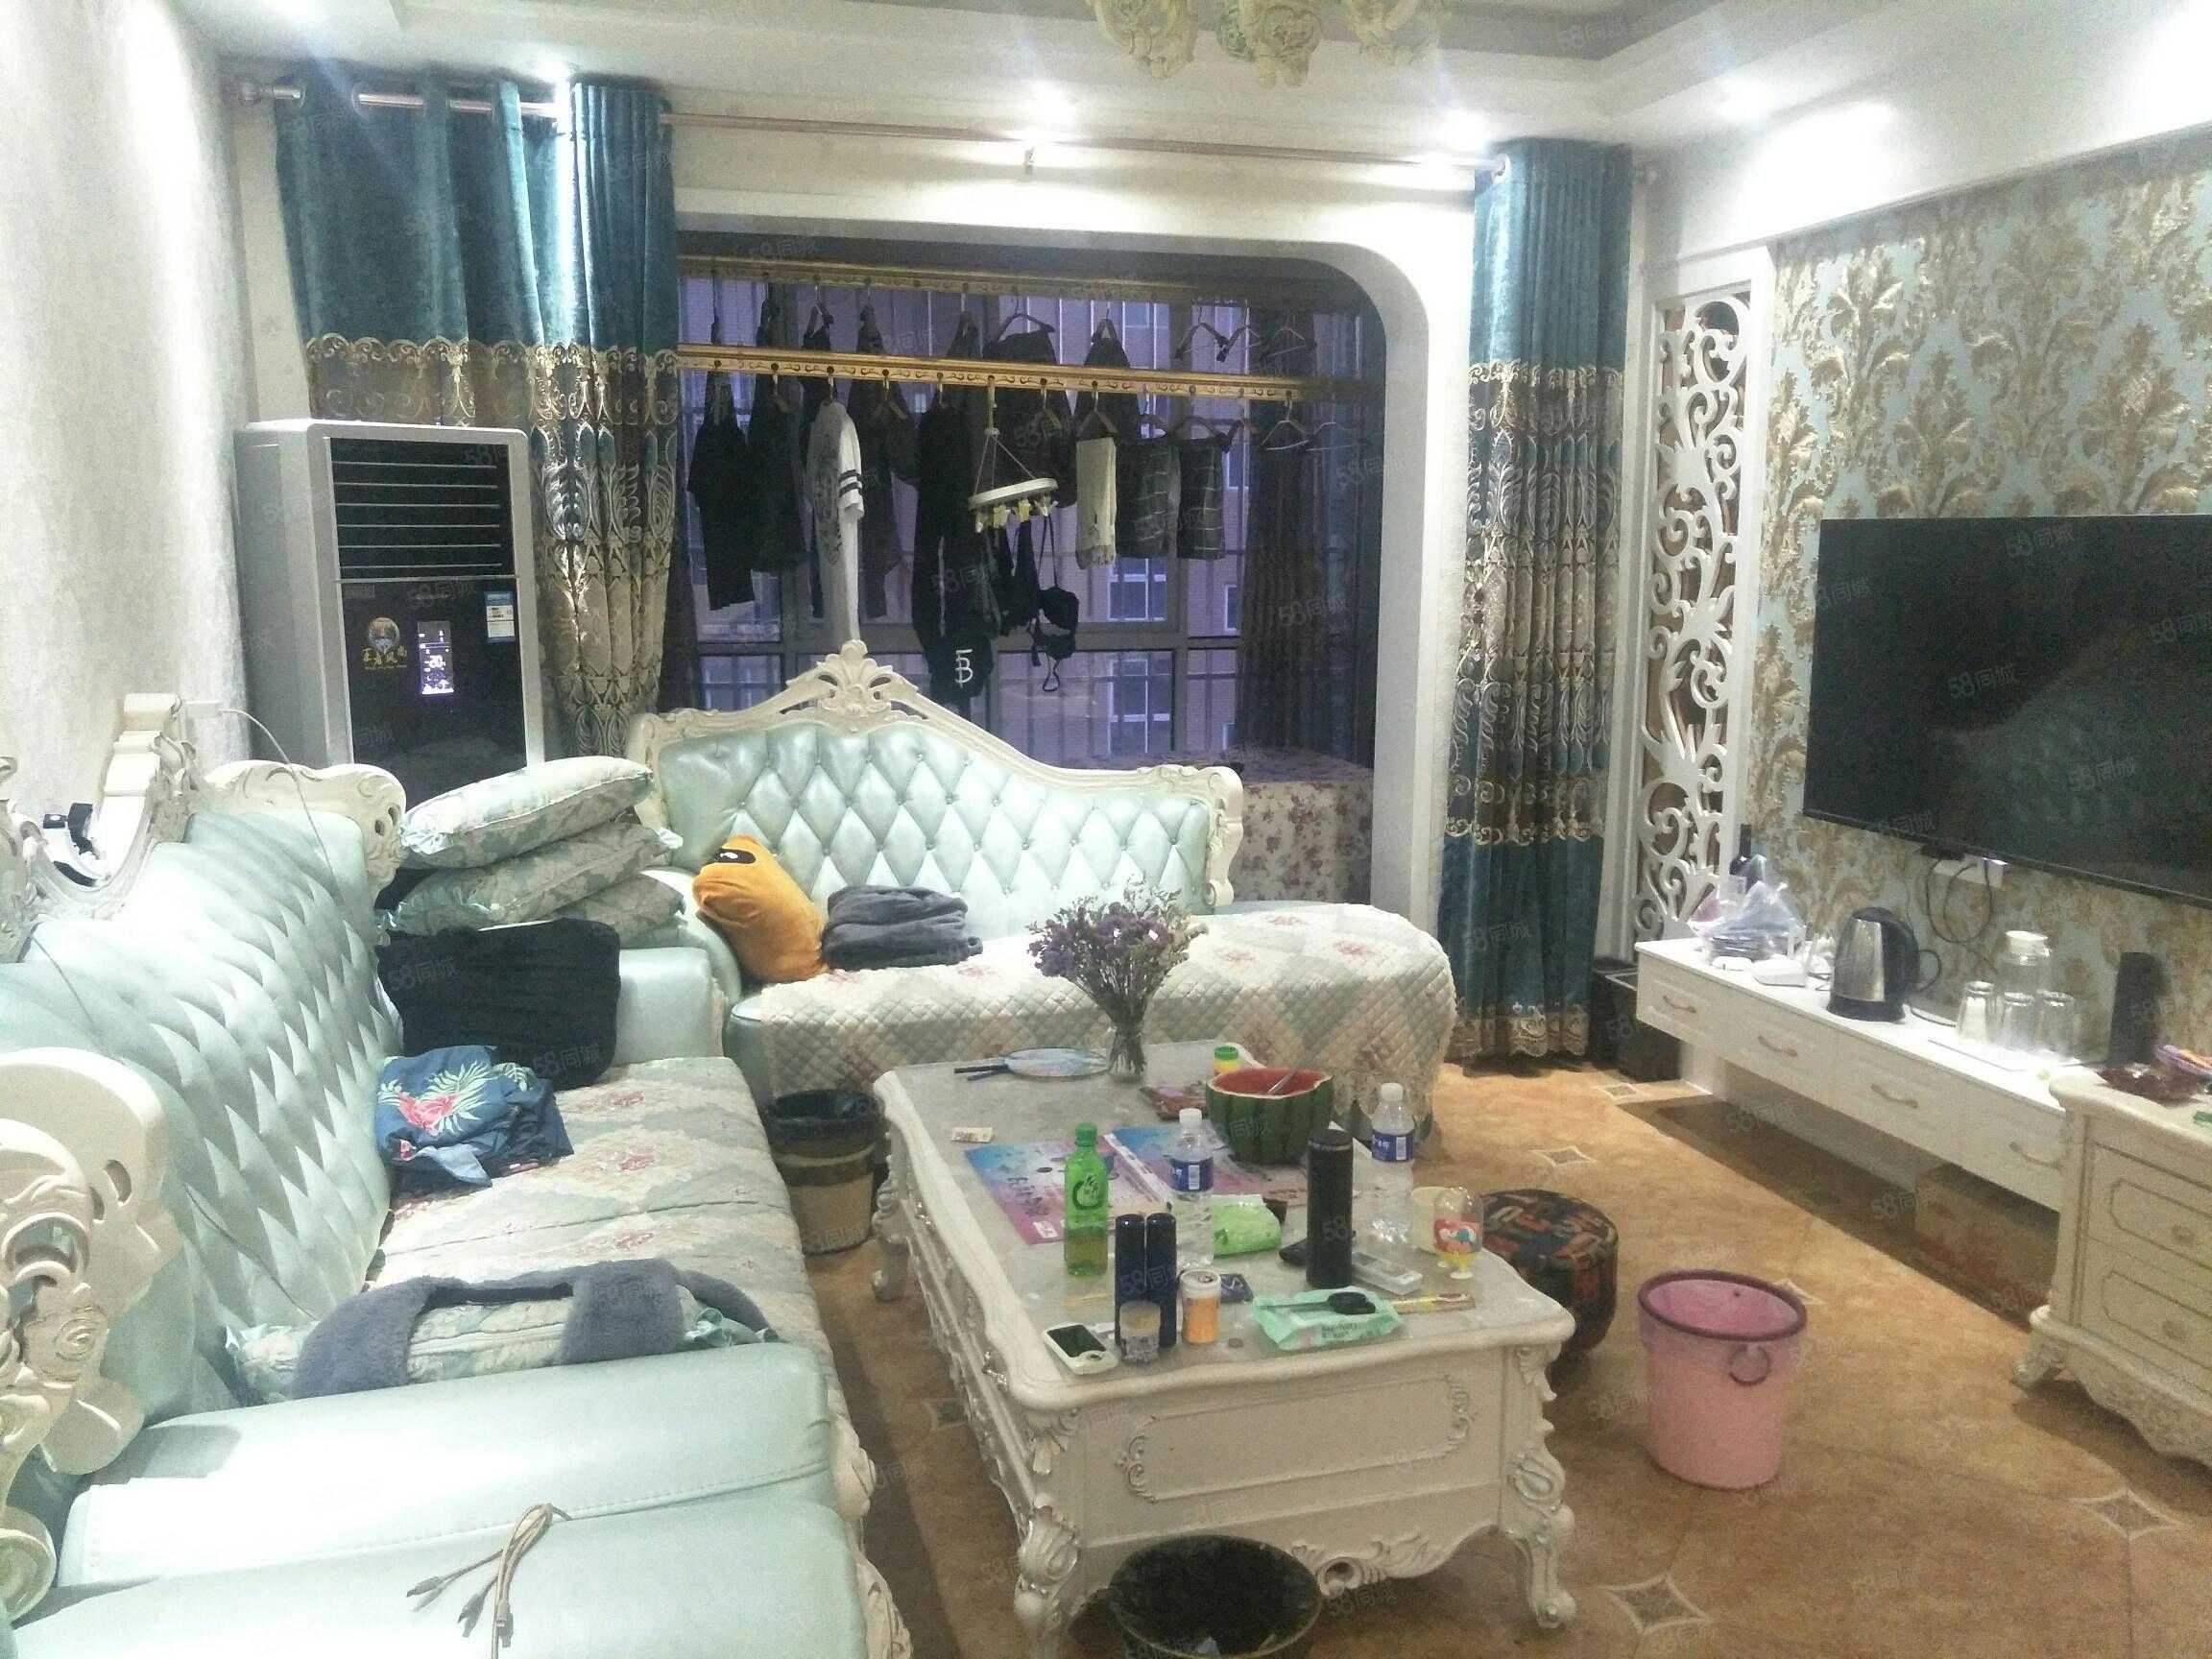 爆米花ktv附近共城华庭豪华型2室现场看房更漂亮紧俏房